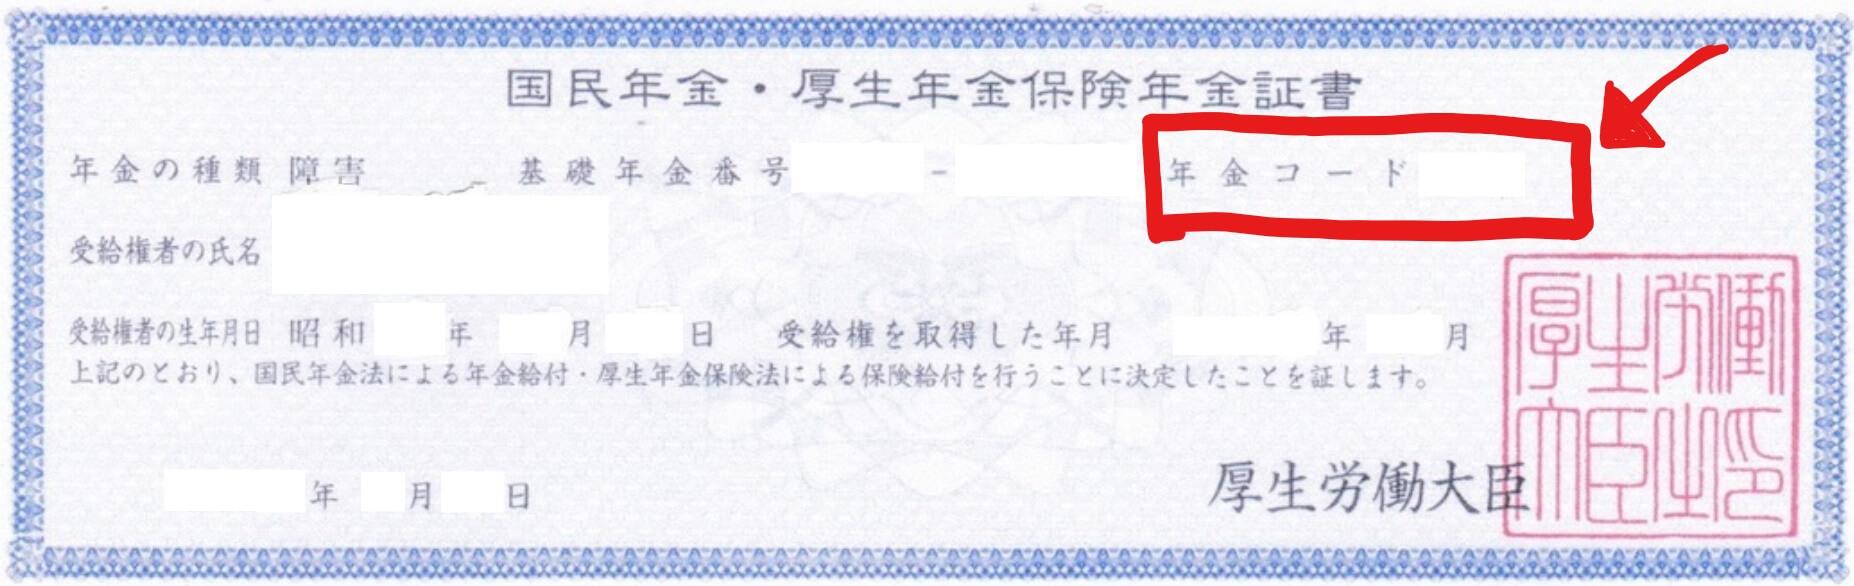 保険 国民 年金 厚生 証書 年金 年金